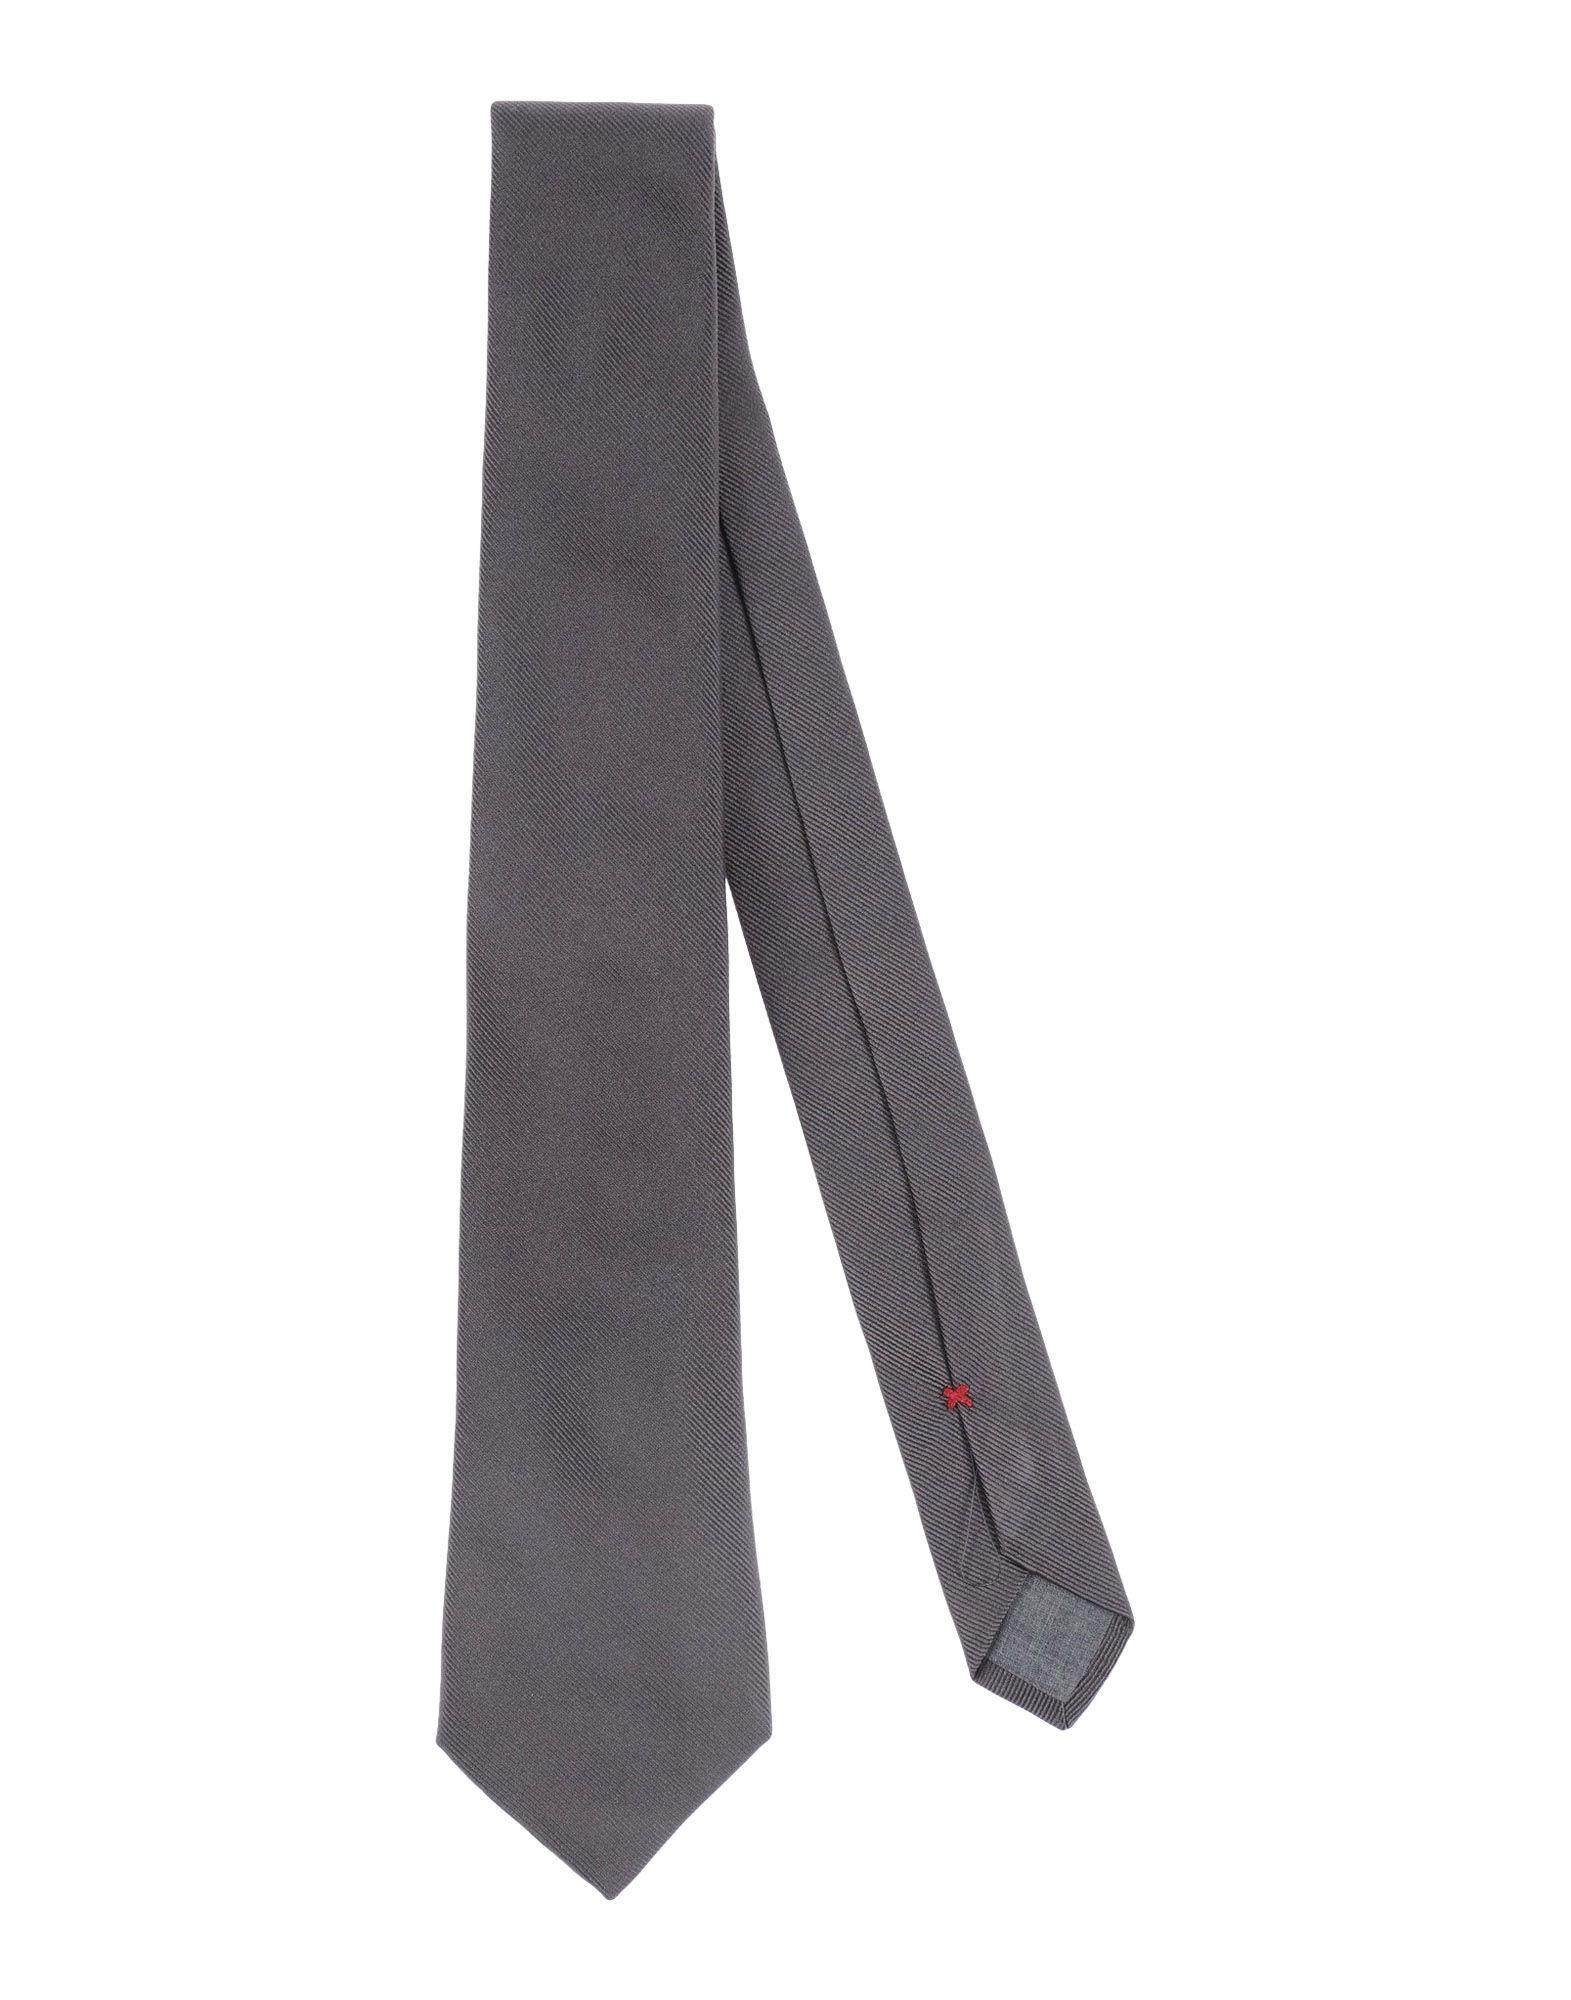 Brunello Cucinelli Ties In Steel Grey